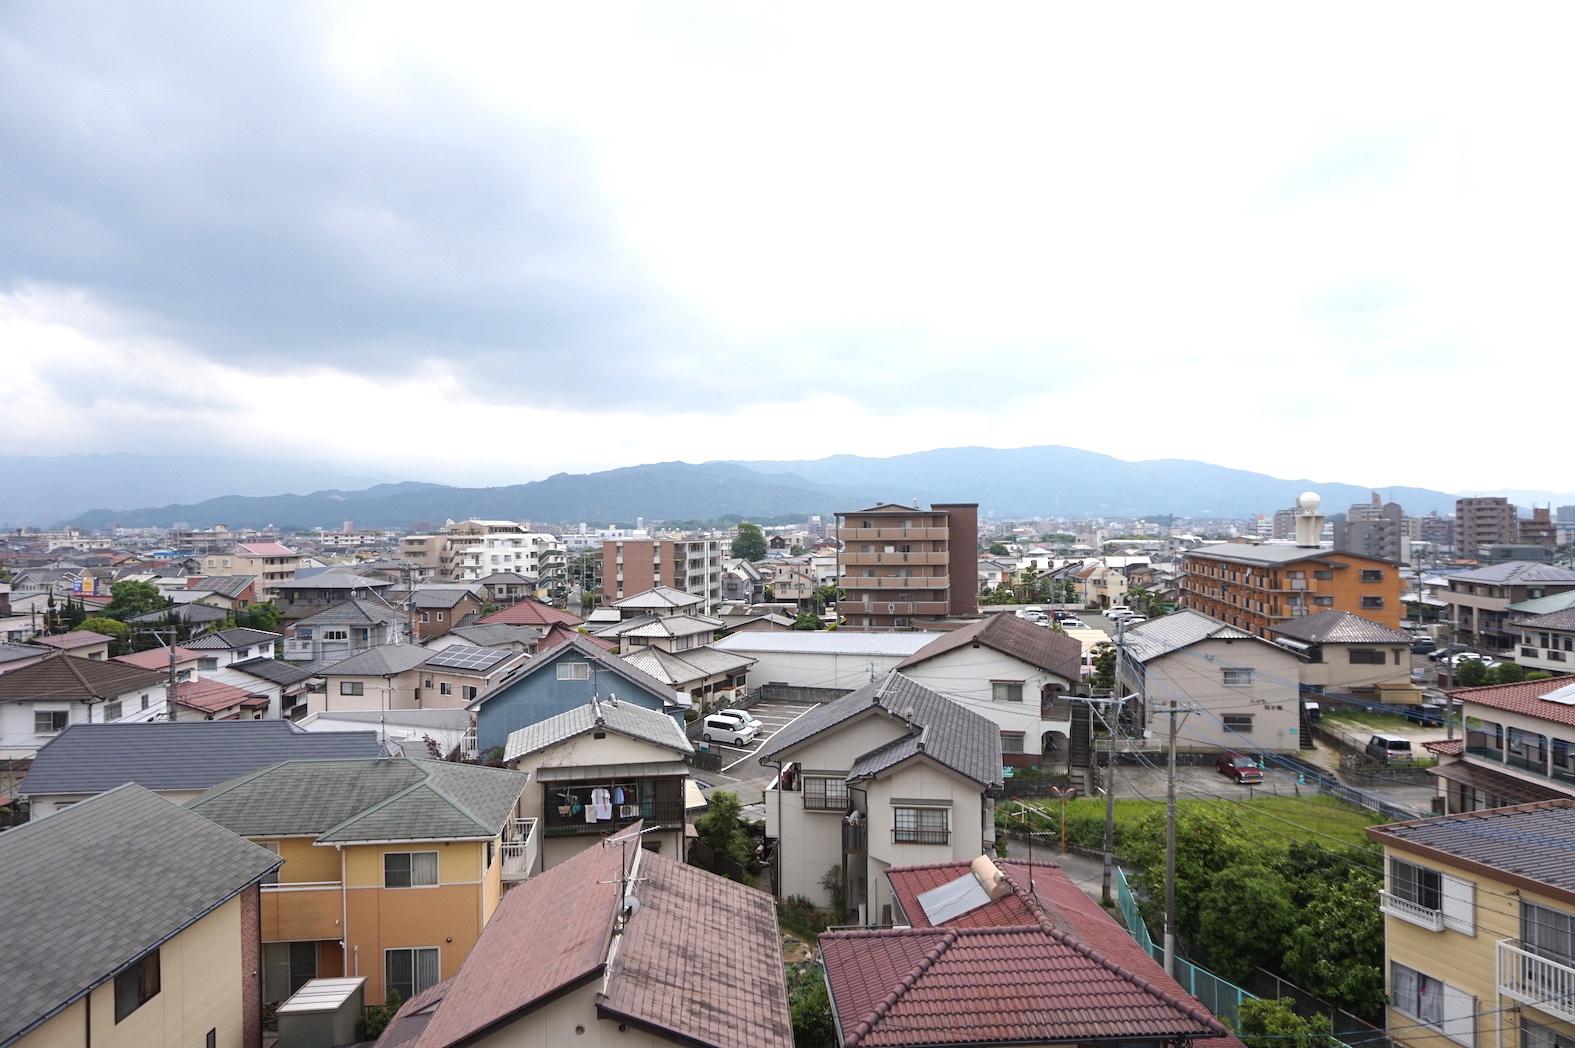 眺望は文句無し。住宅街とその向こうに山々が